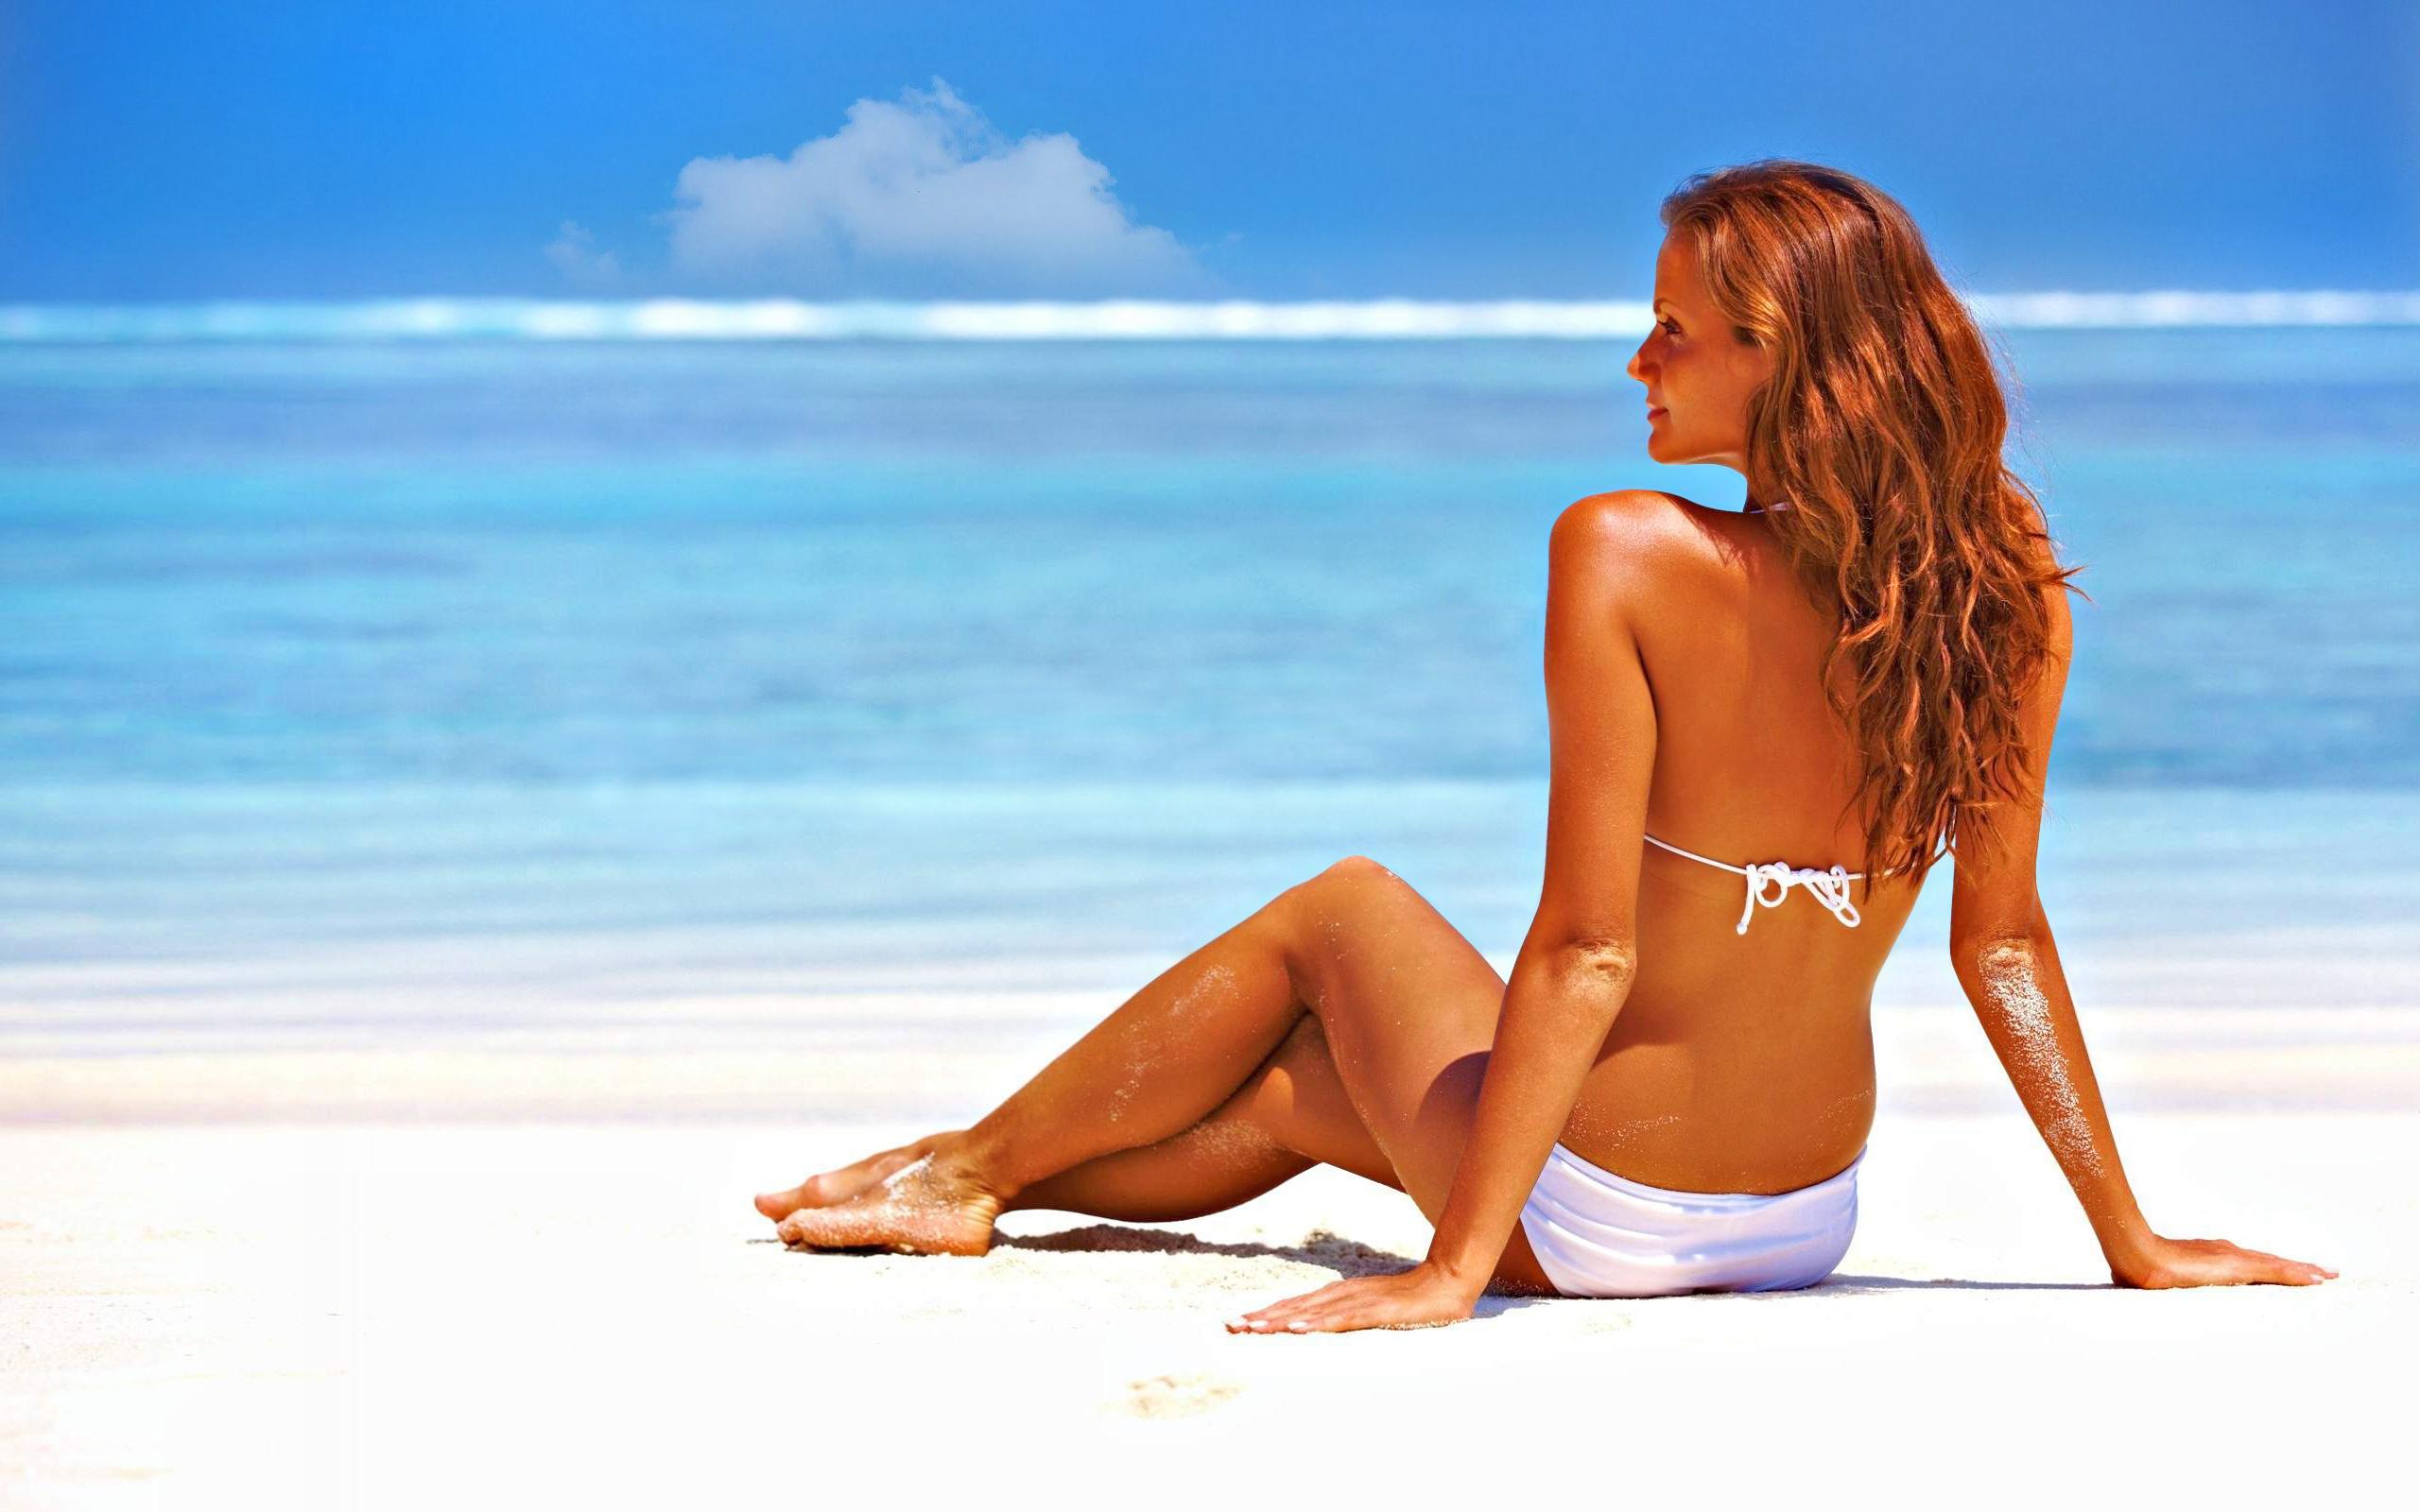 Beach Bikini Horizon Model Rear 2560x1600